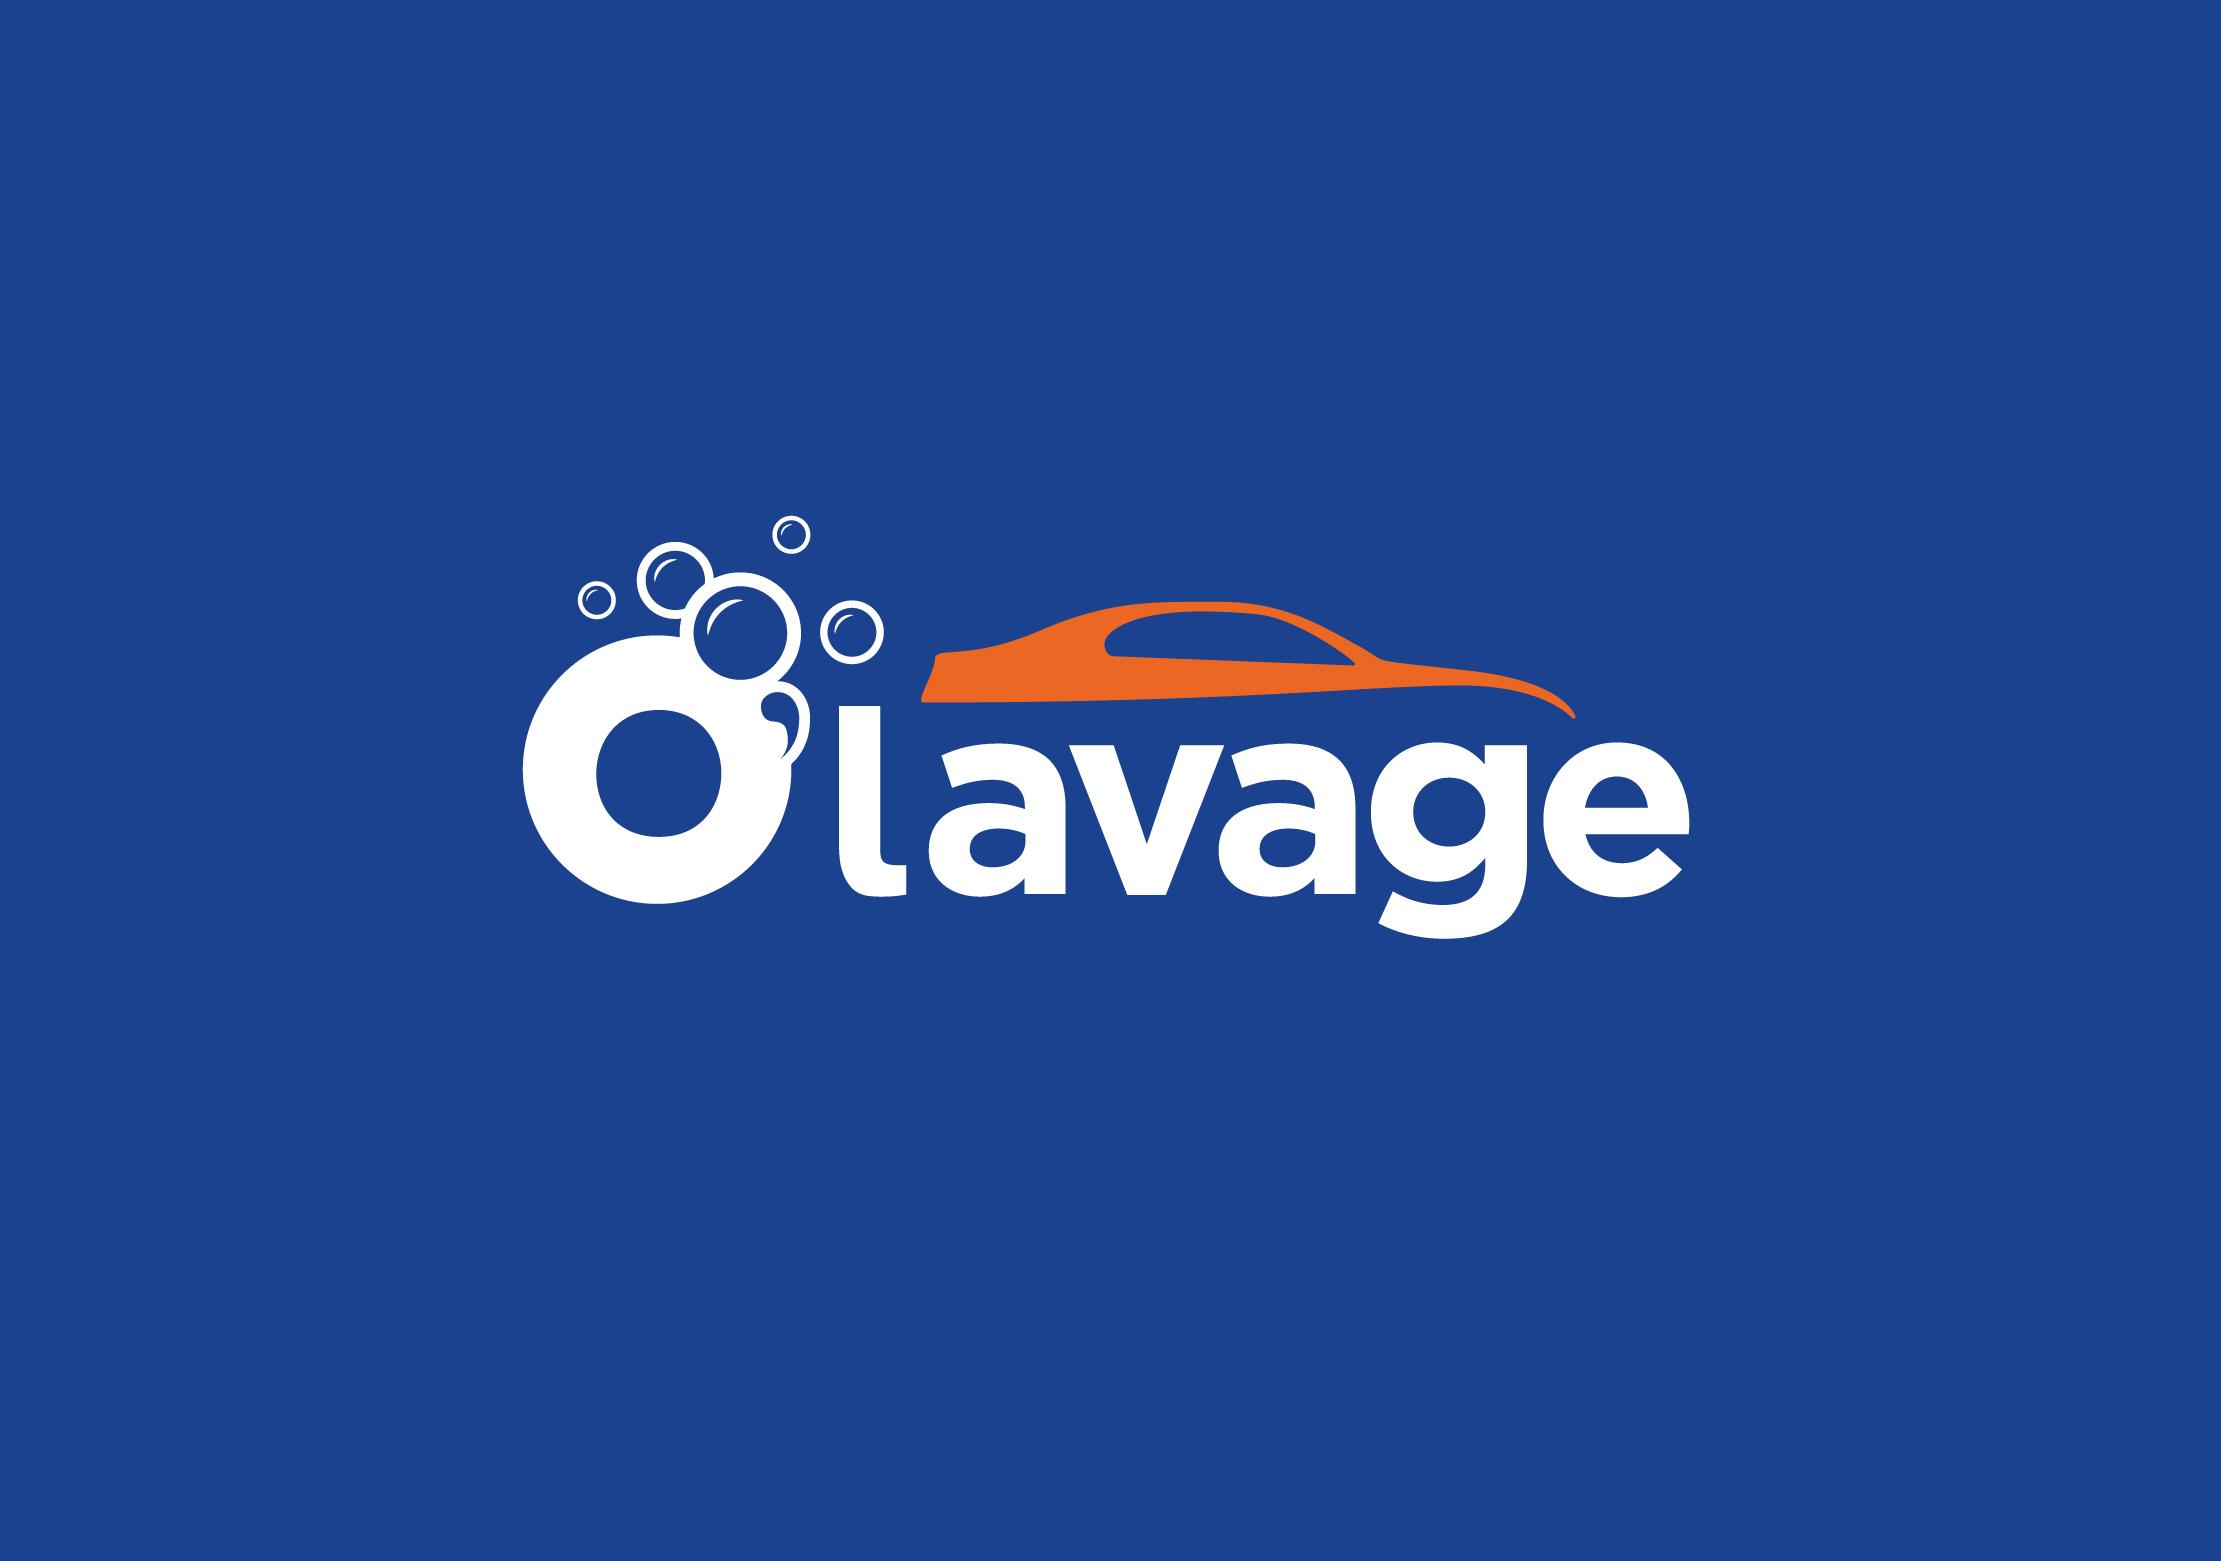 OLAVAGE